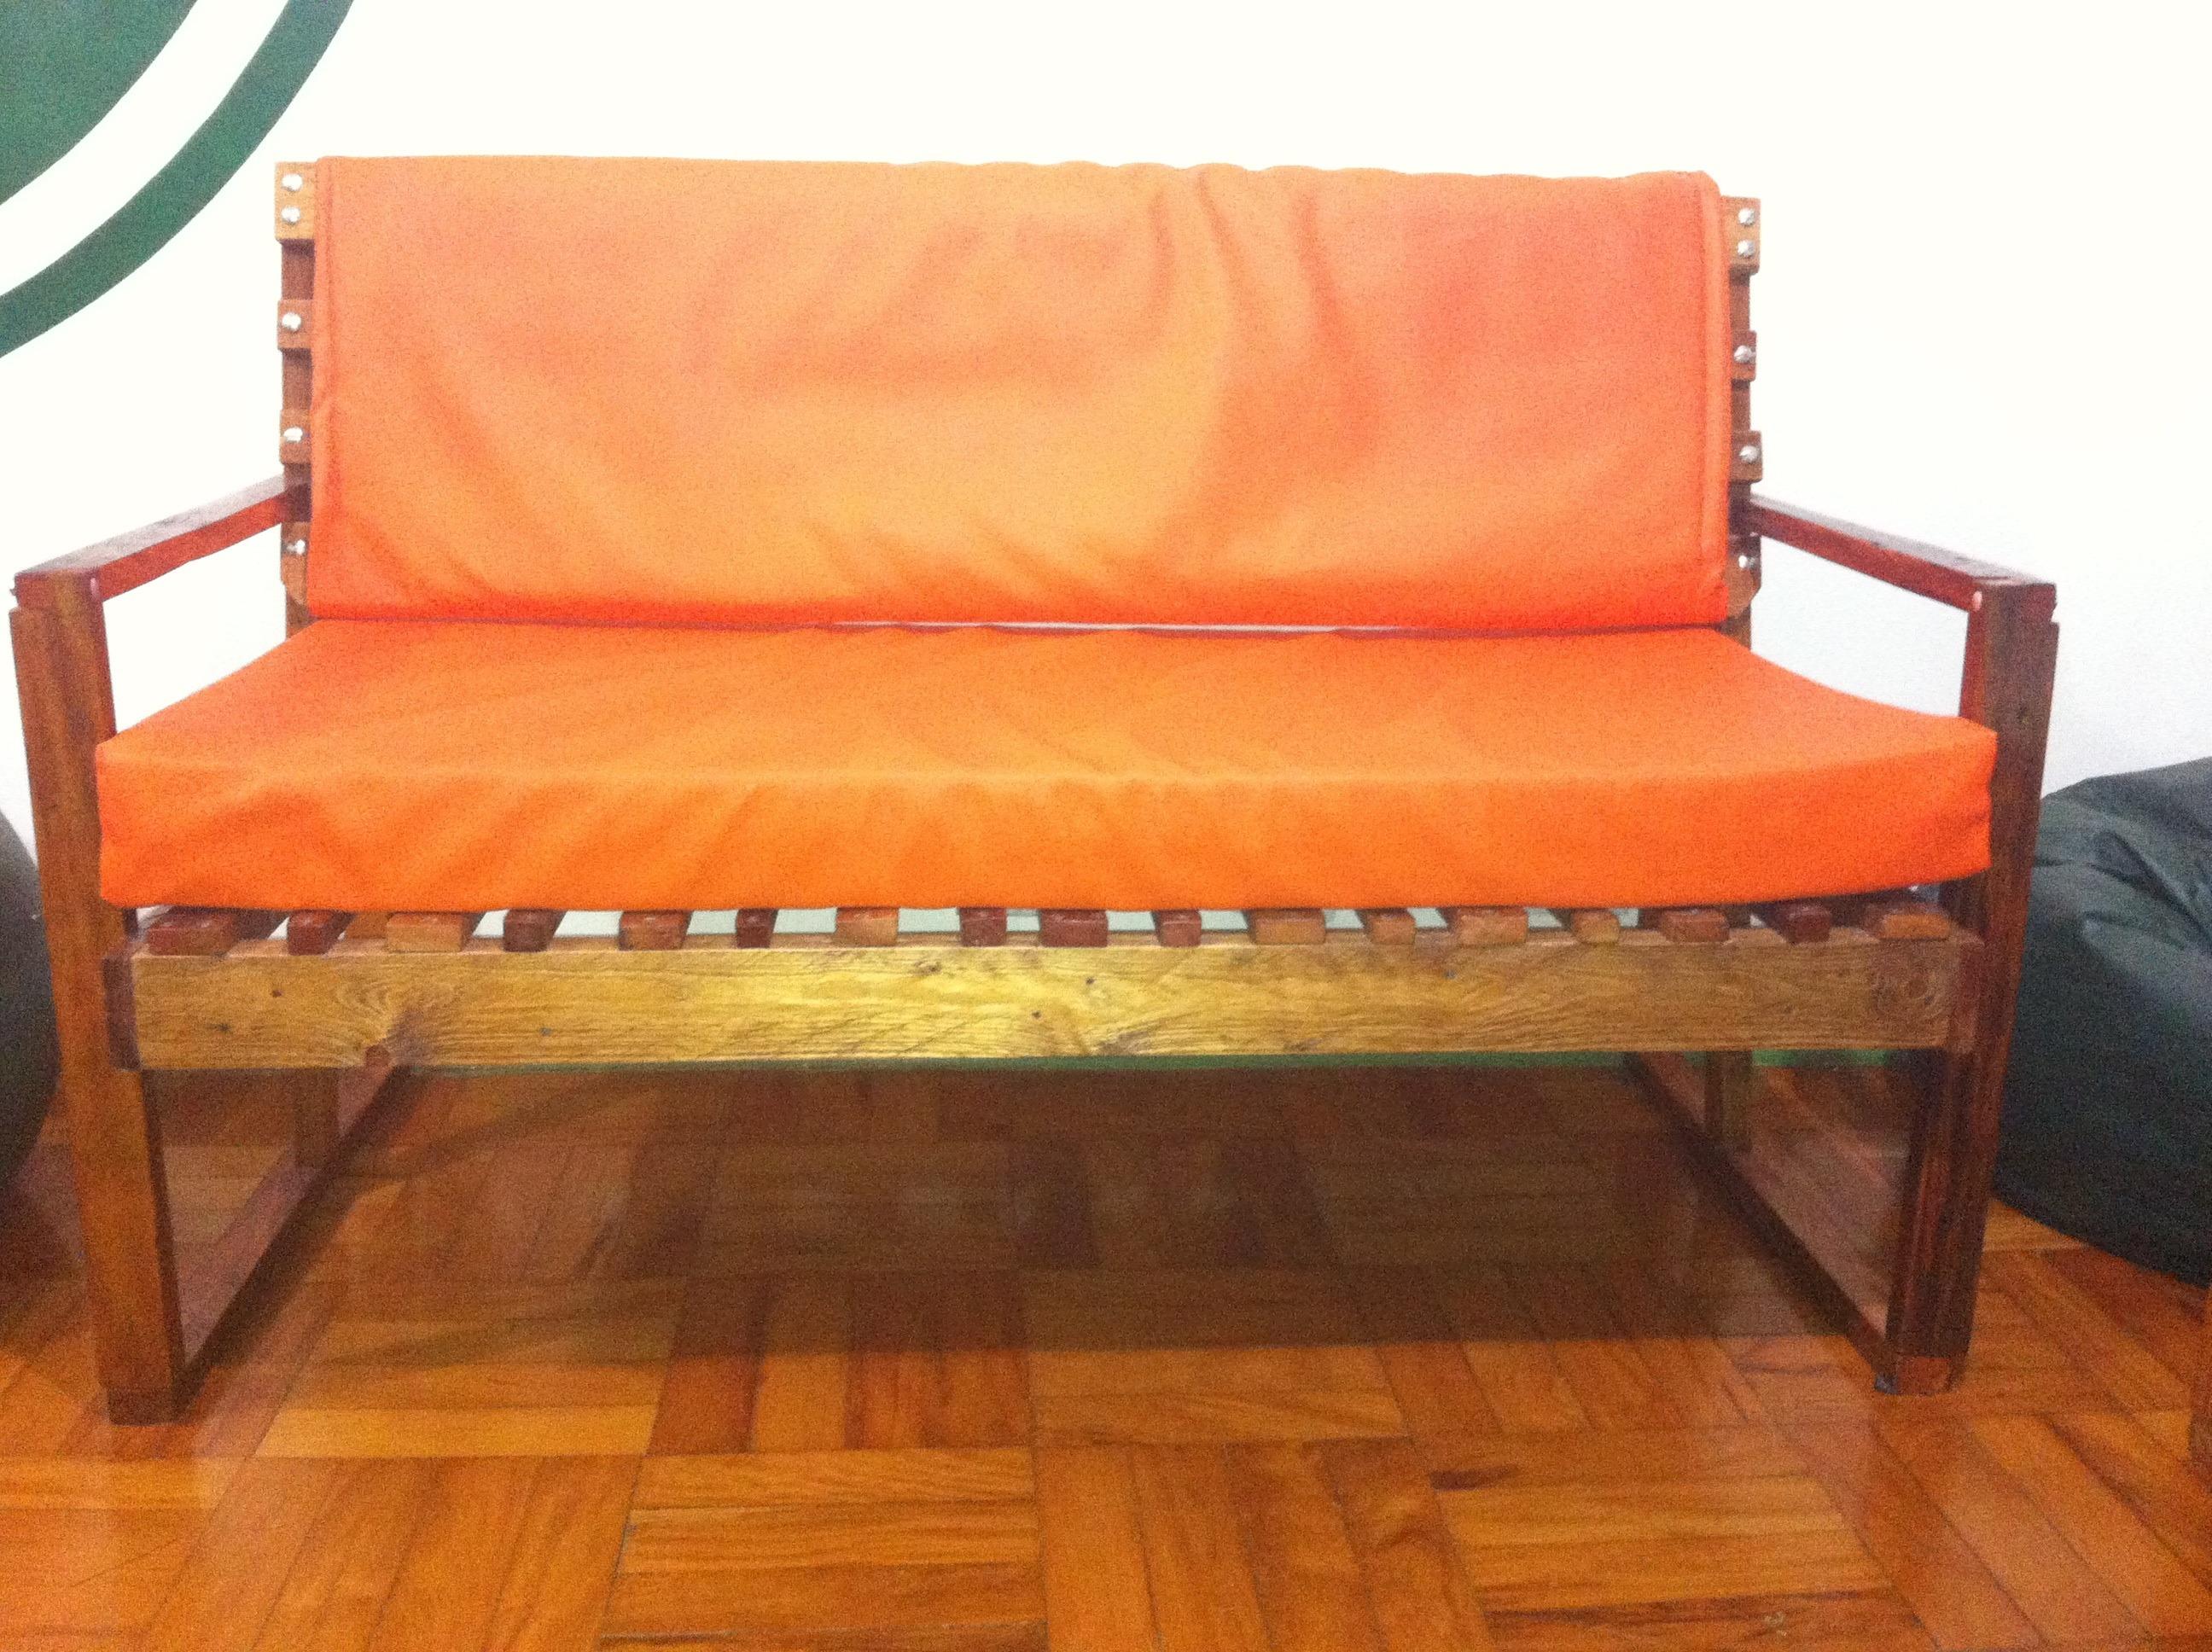 sofa sofa de madeira sofa sofa #C0680B 2592x1936